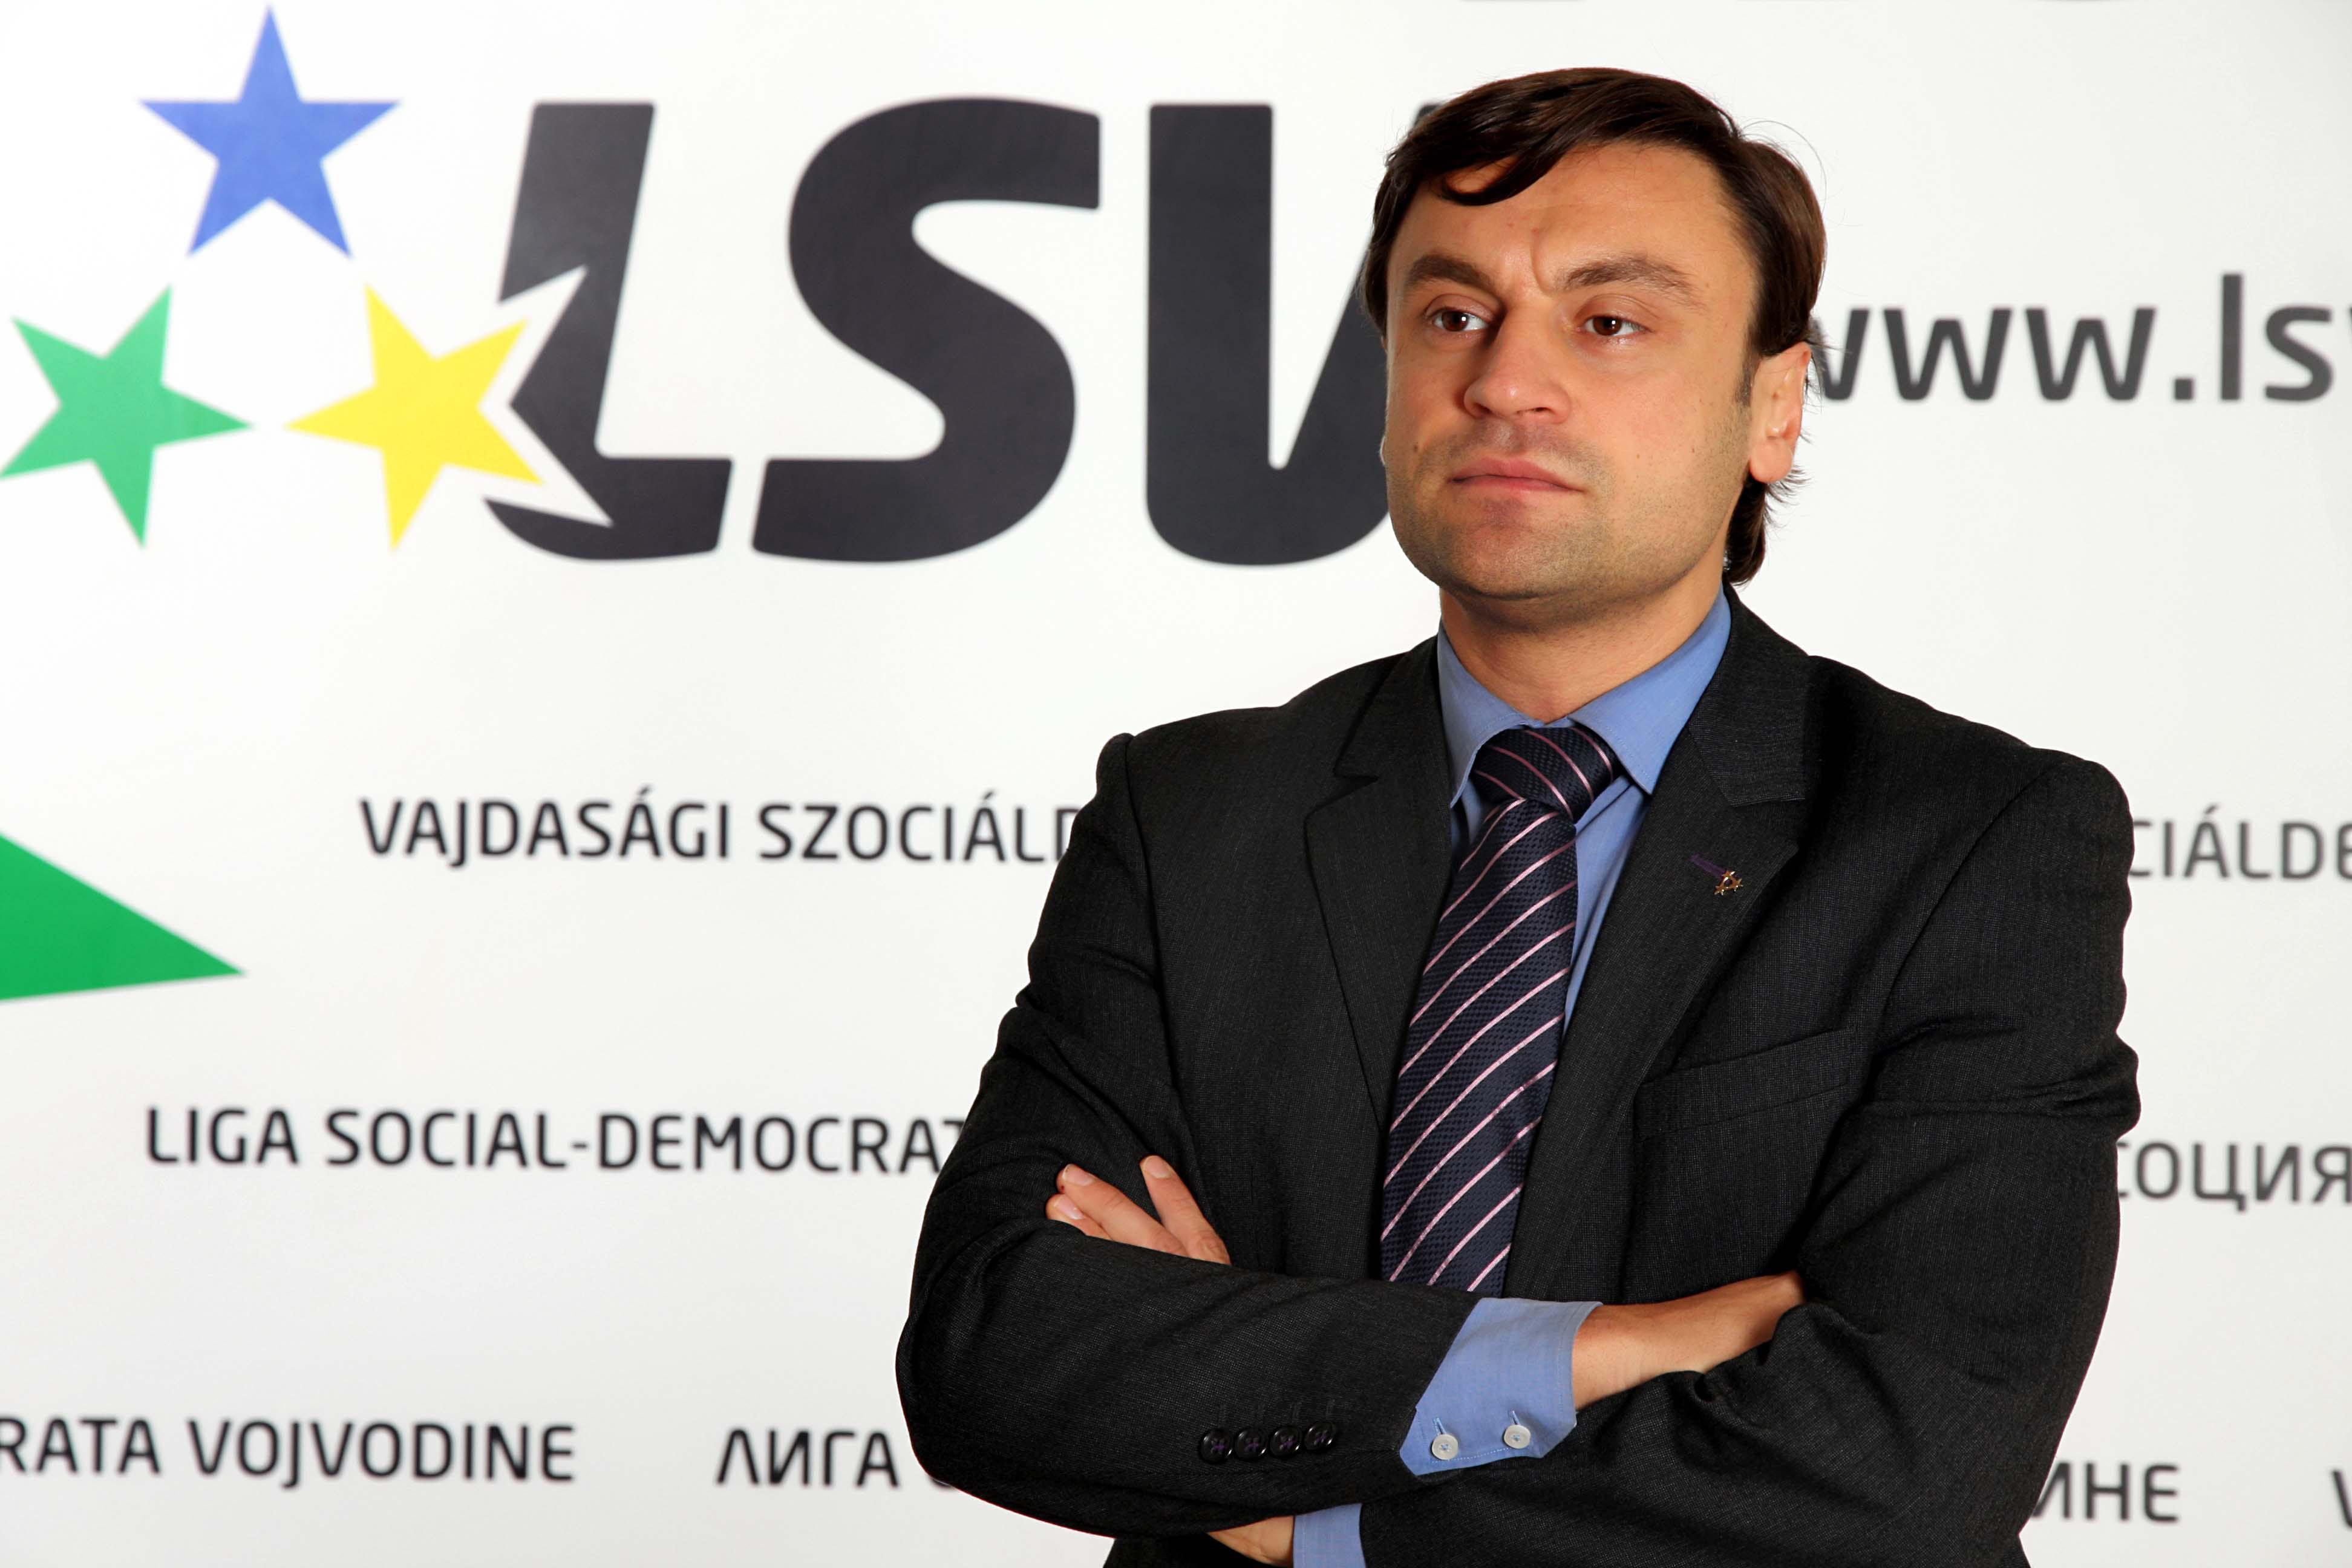 Čiju spoljnu politiku vodi  ministar Ivica Dačić?